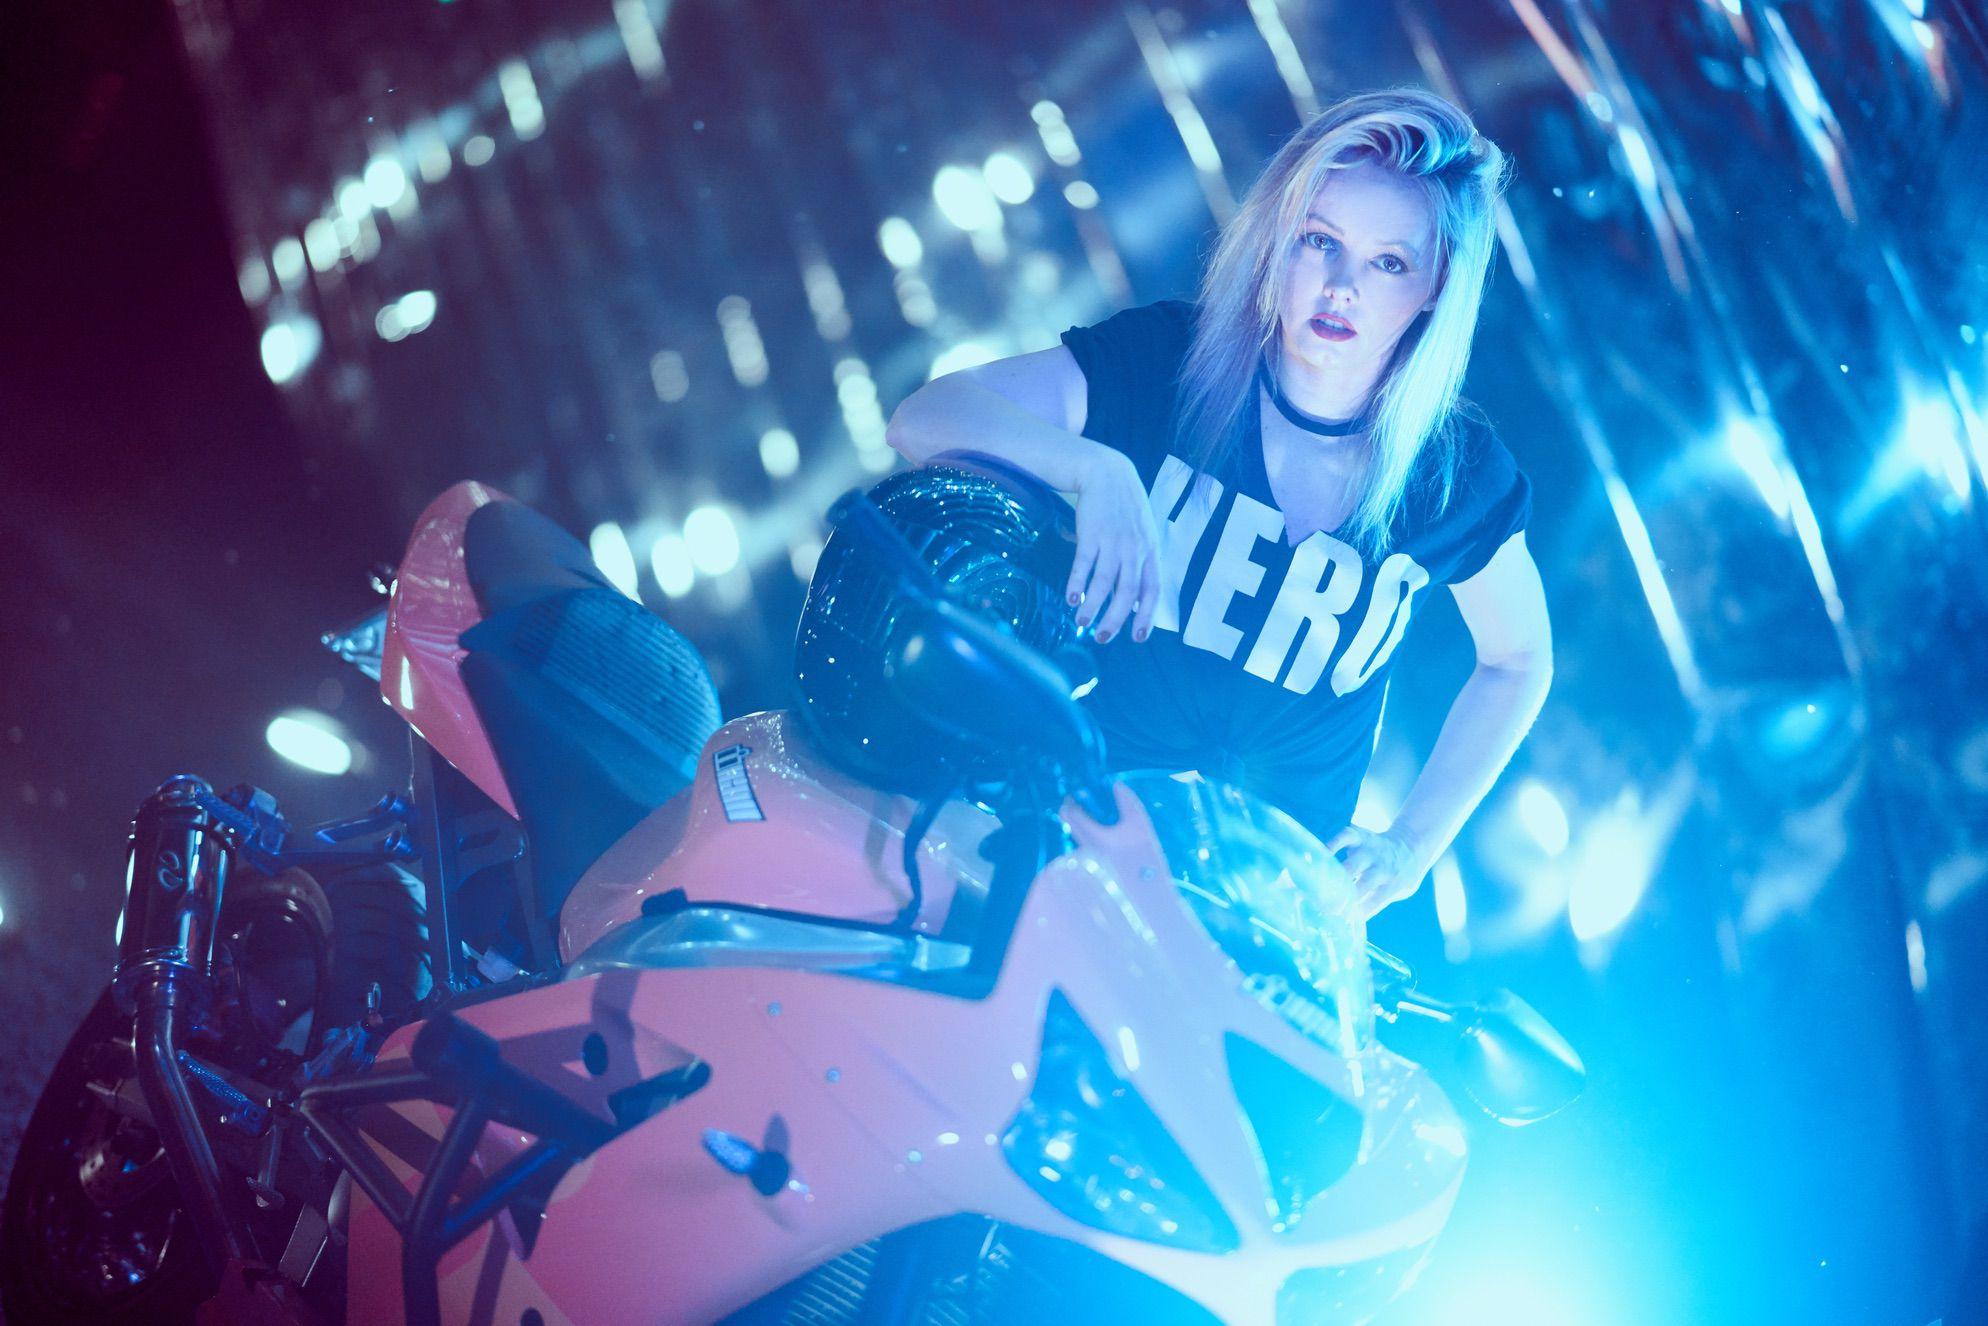 ewa_stunts_icon_merc_azul_session_45